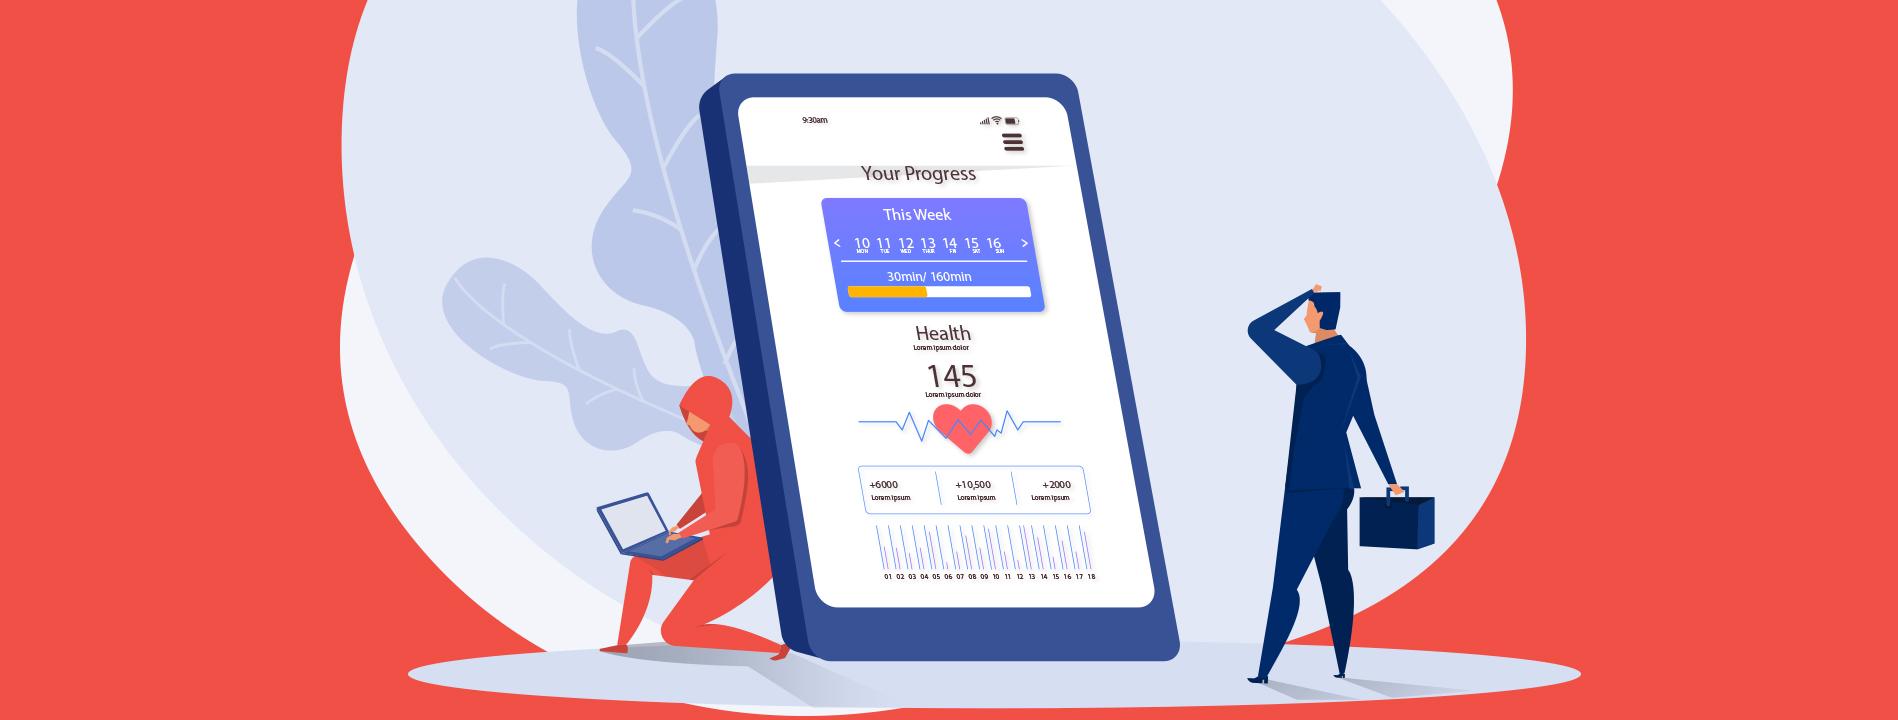 Some Mobile Health Apps Risk Exposing Data